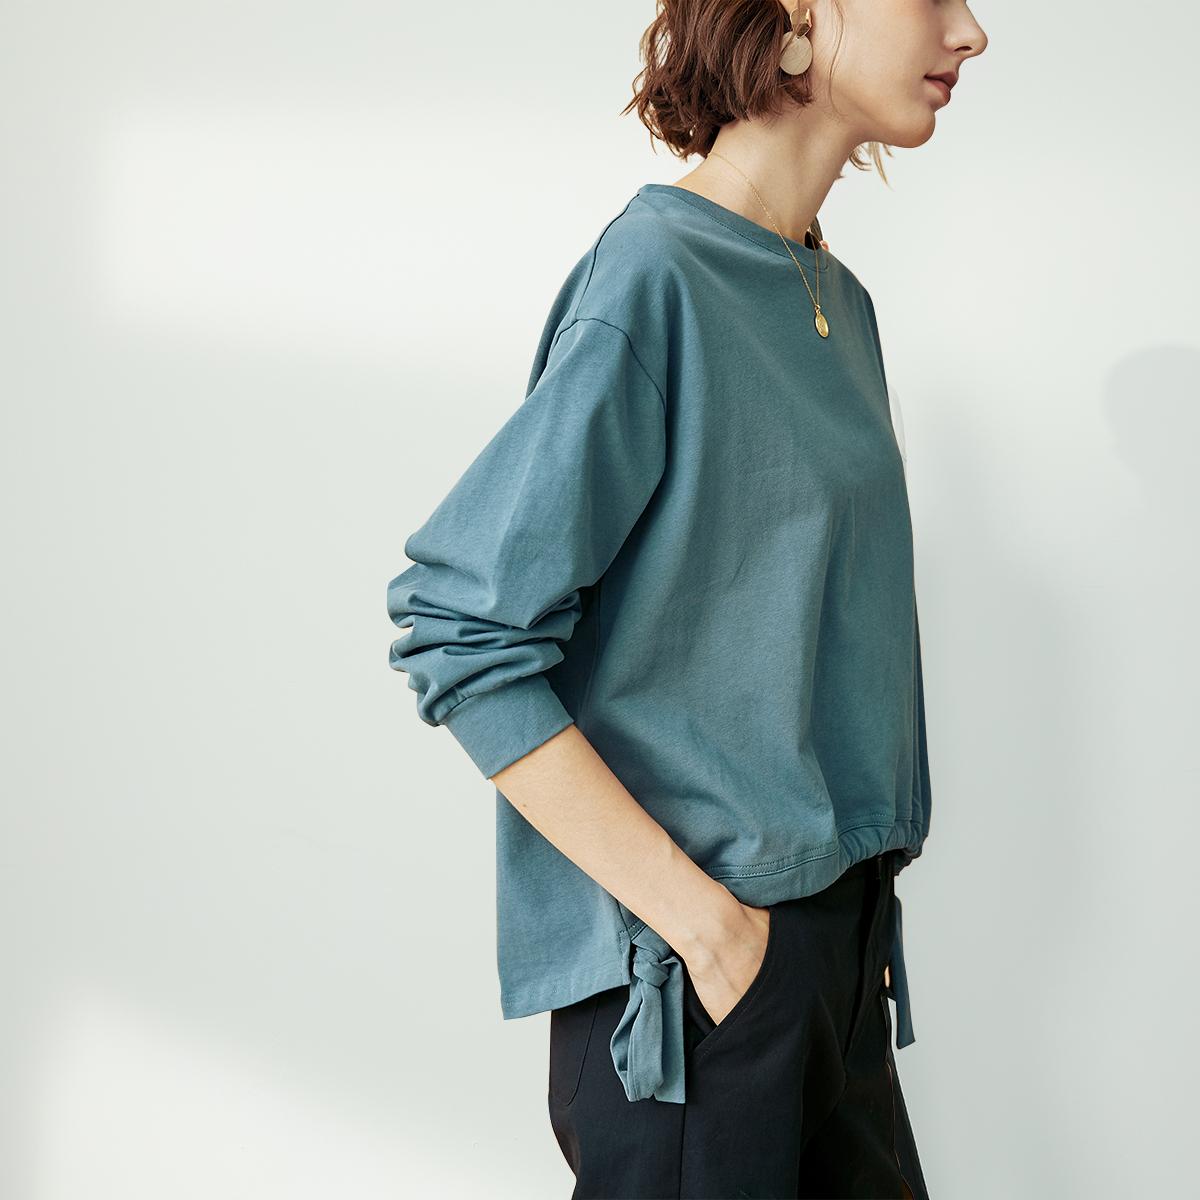 绿色卫衣 云上生活蓝绿色腰间系带宽松版长袖百搭减龄卫衣女春秋薄款V3555_推荐淘宝好看的绿色卫衣